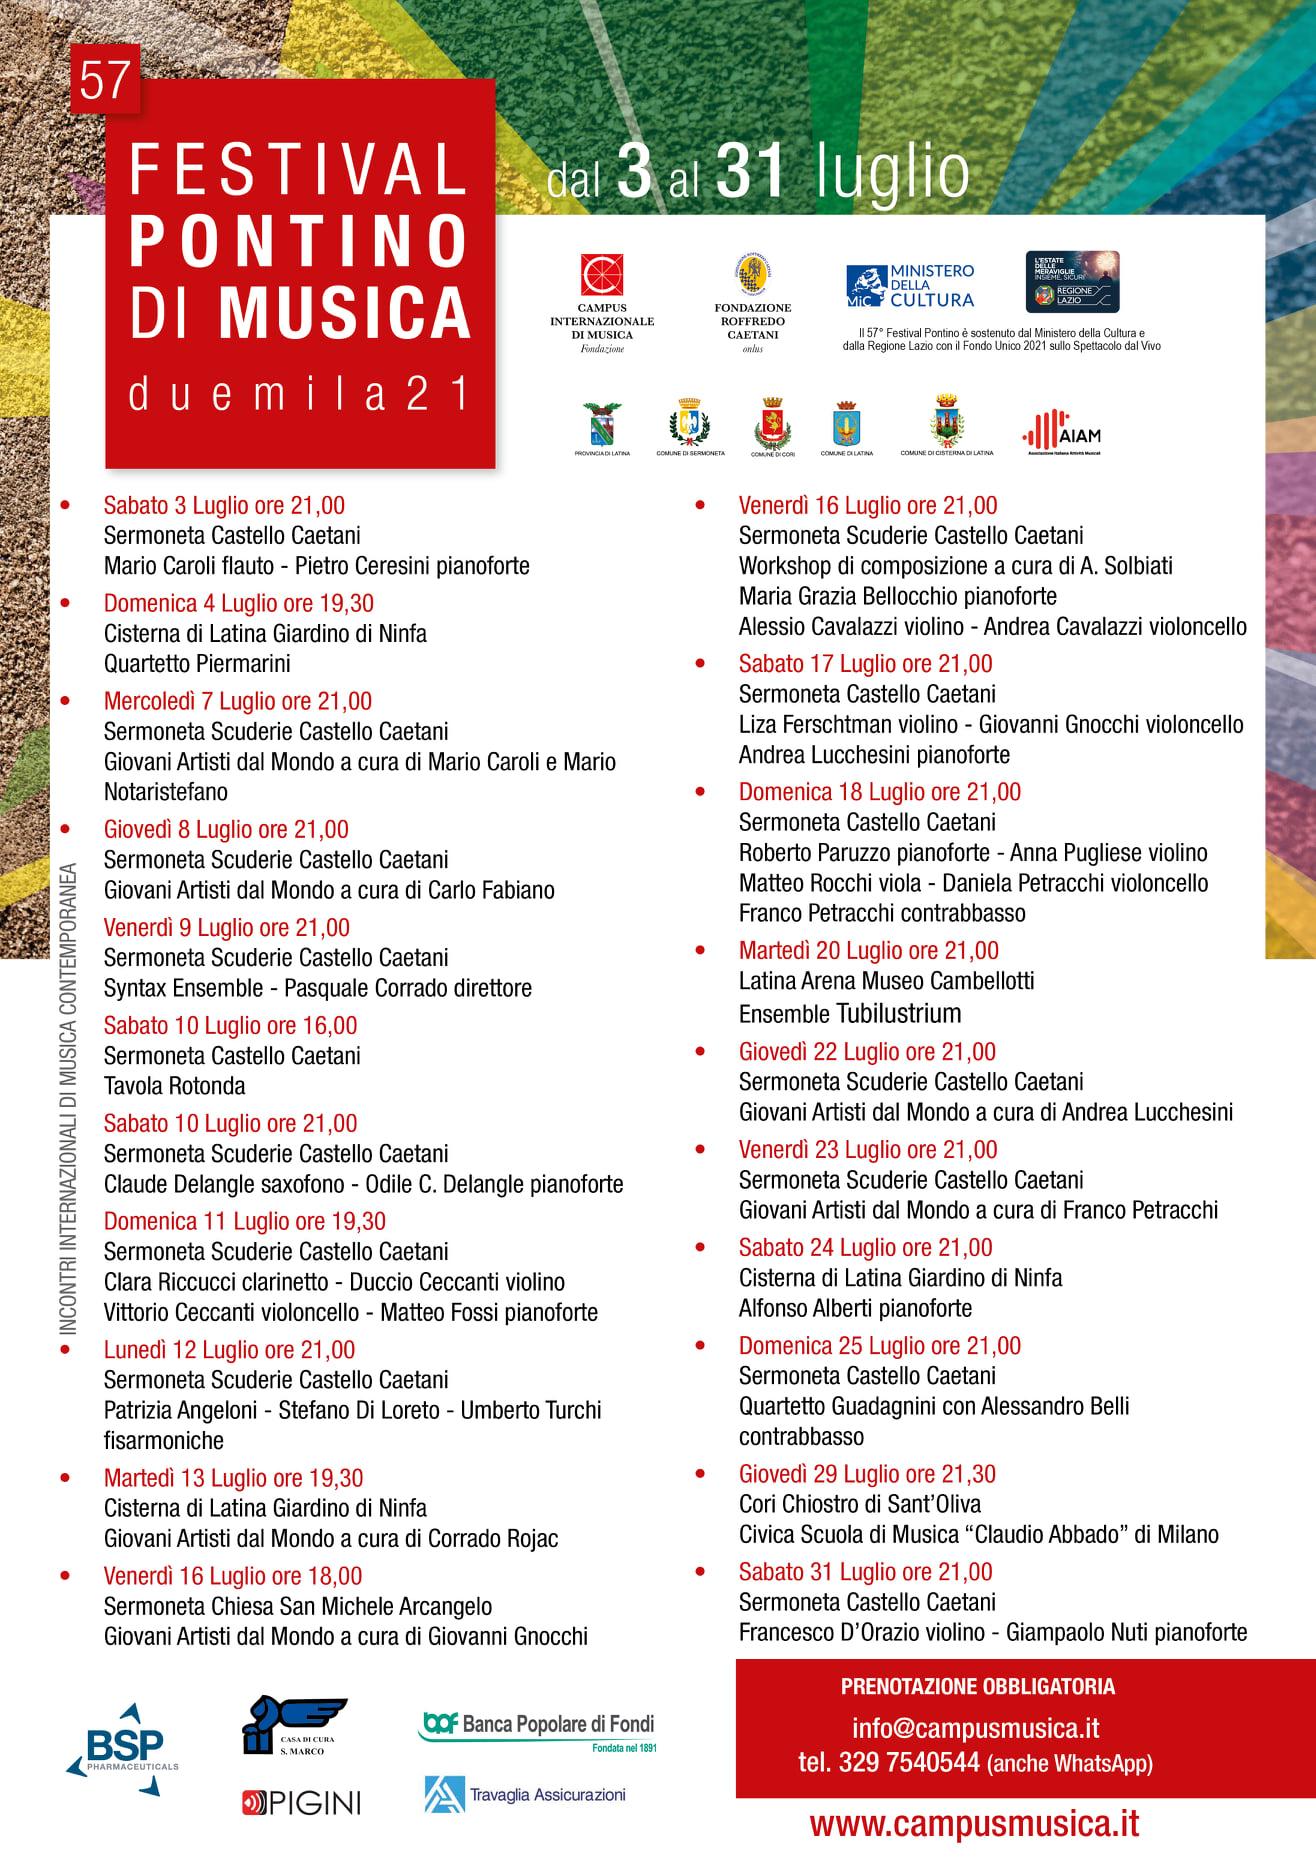 festival-pontino-di-musica-2021